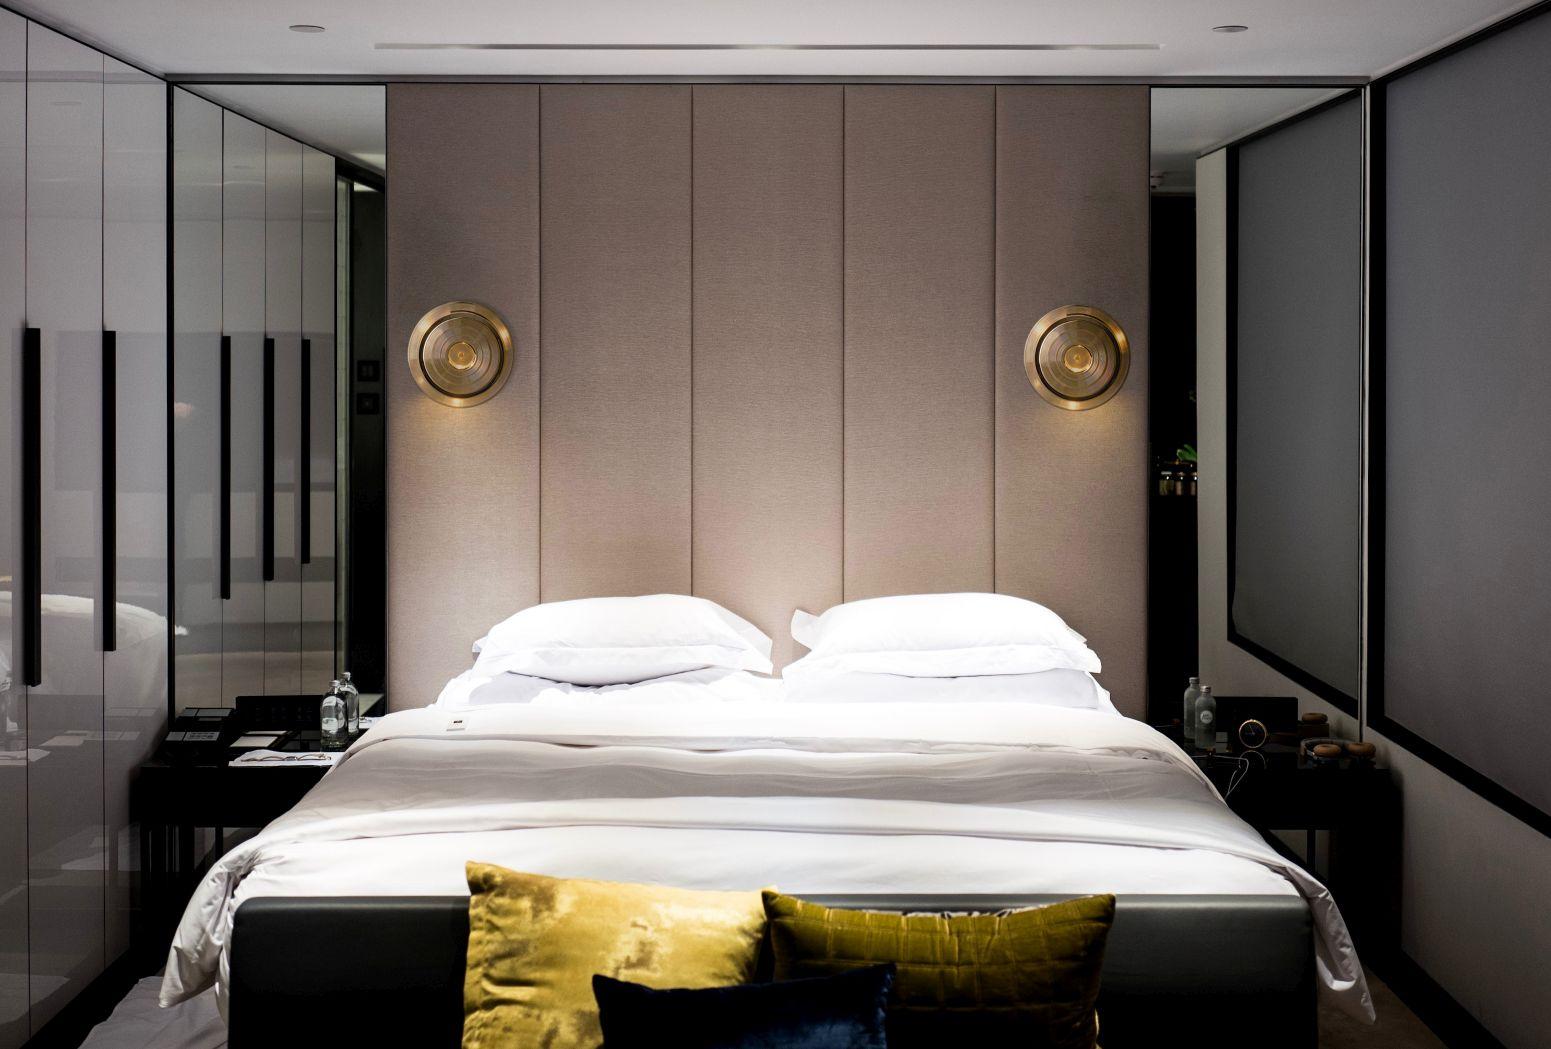 16delightfull_hendrix-wall-lamp-_-vintage-bedroom-dĂcor.jpg